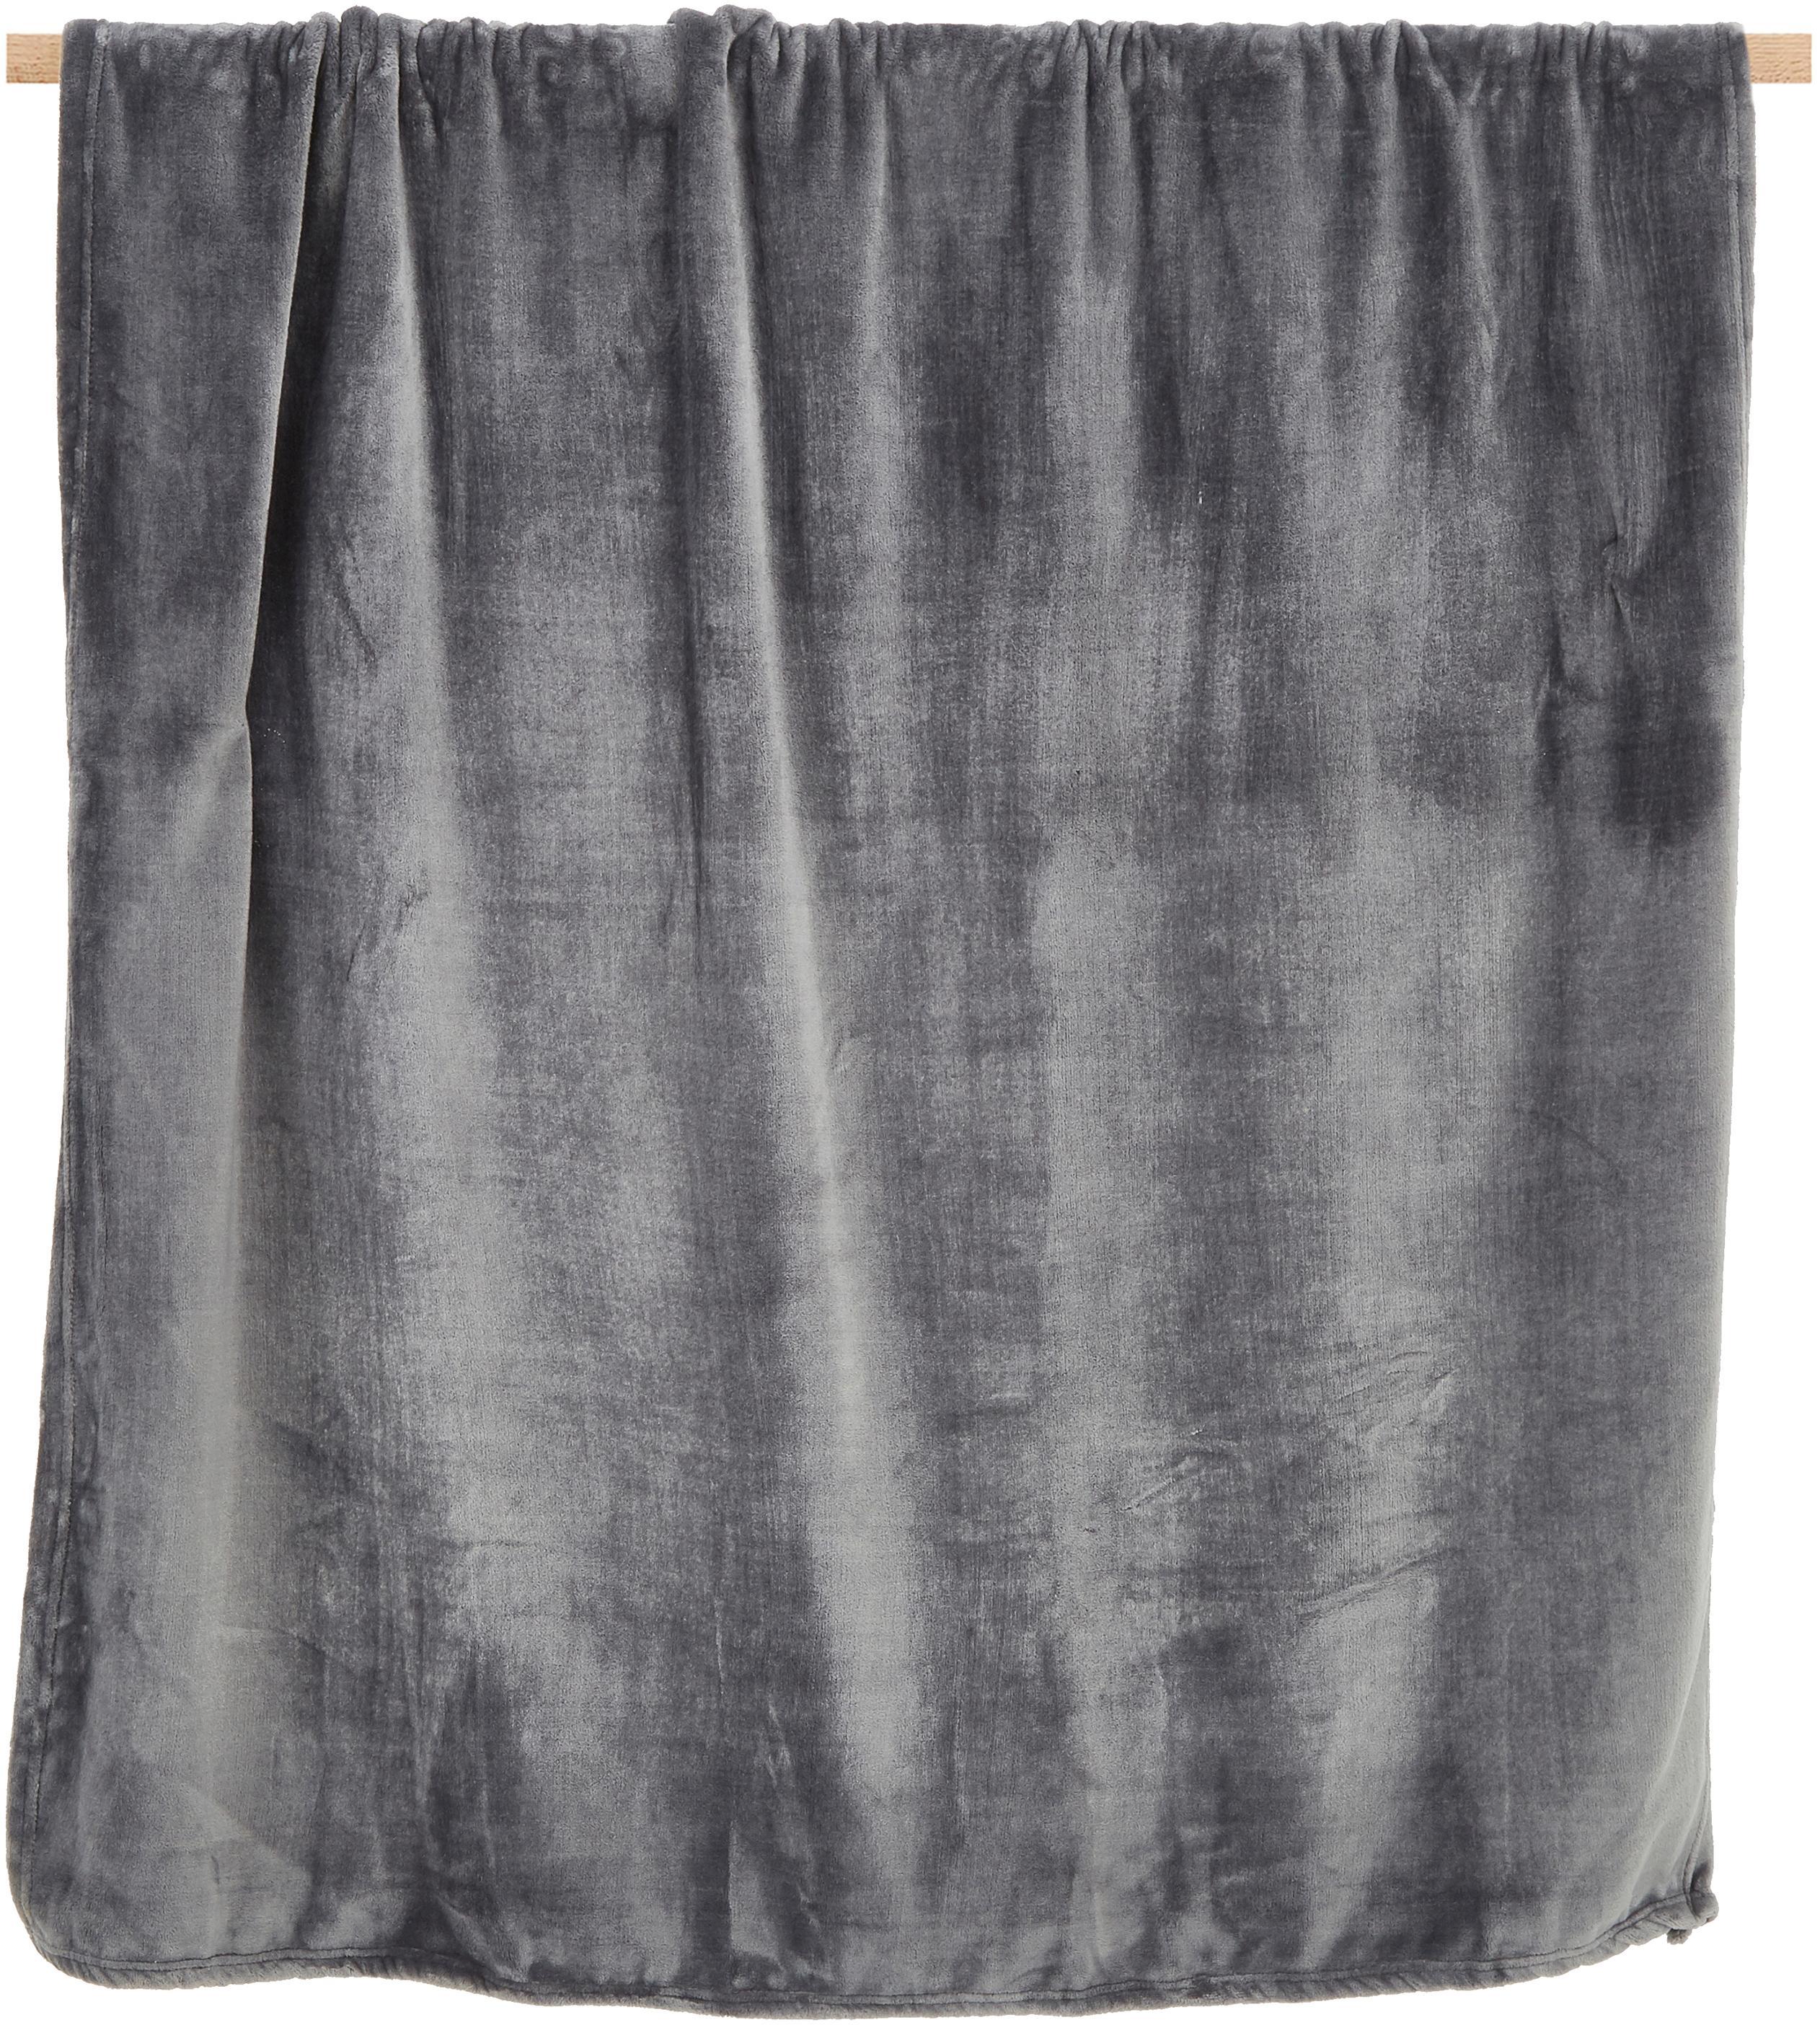 Miękki pled z polaru Doudou, 100% poliester, Antracytowy, S 130 x D 160 cm